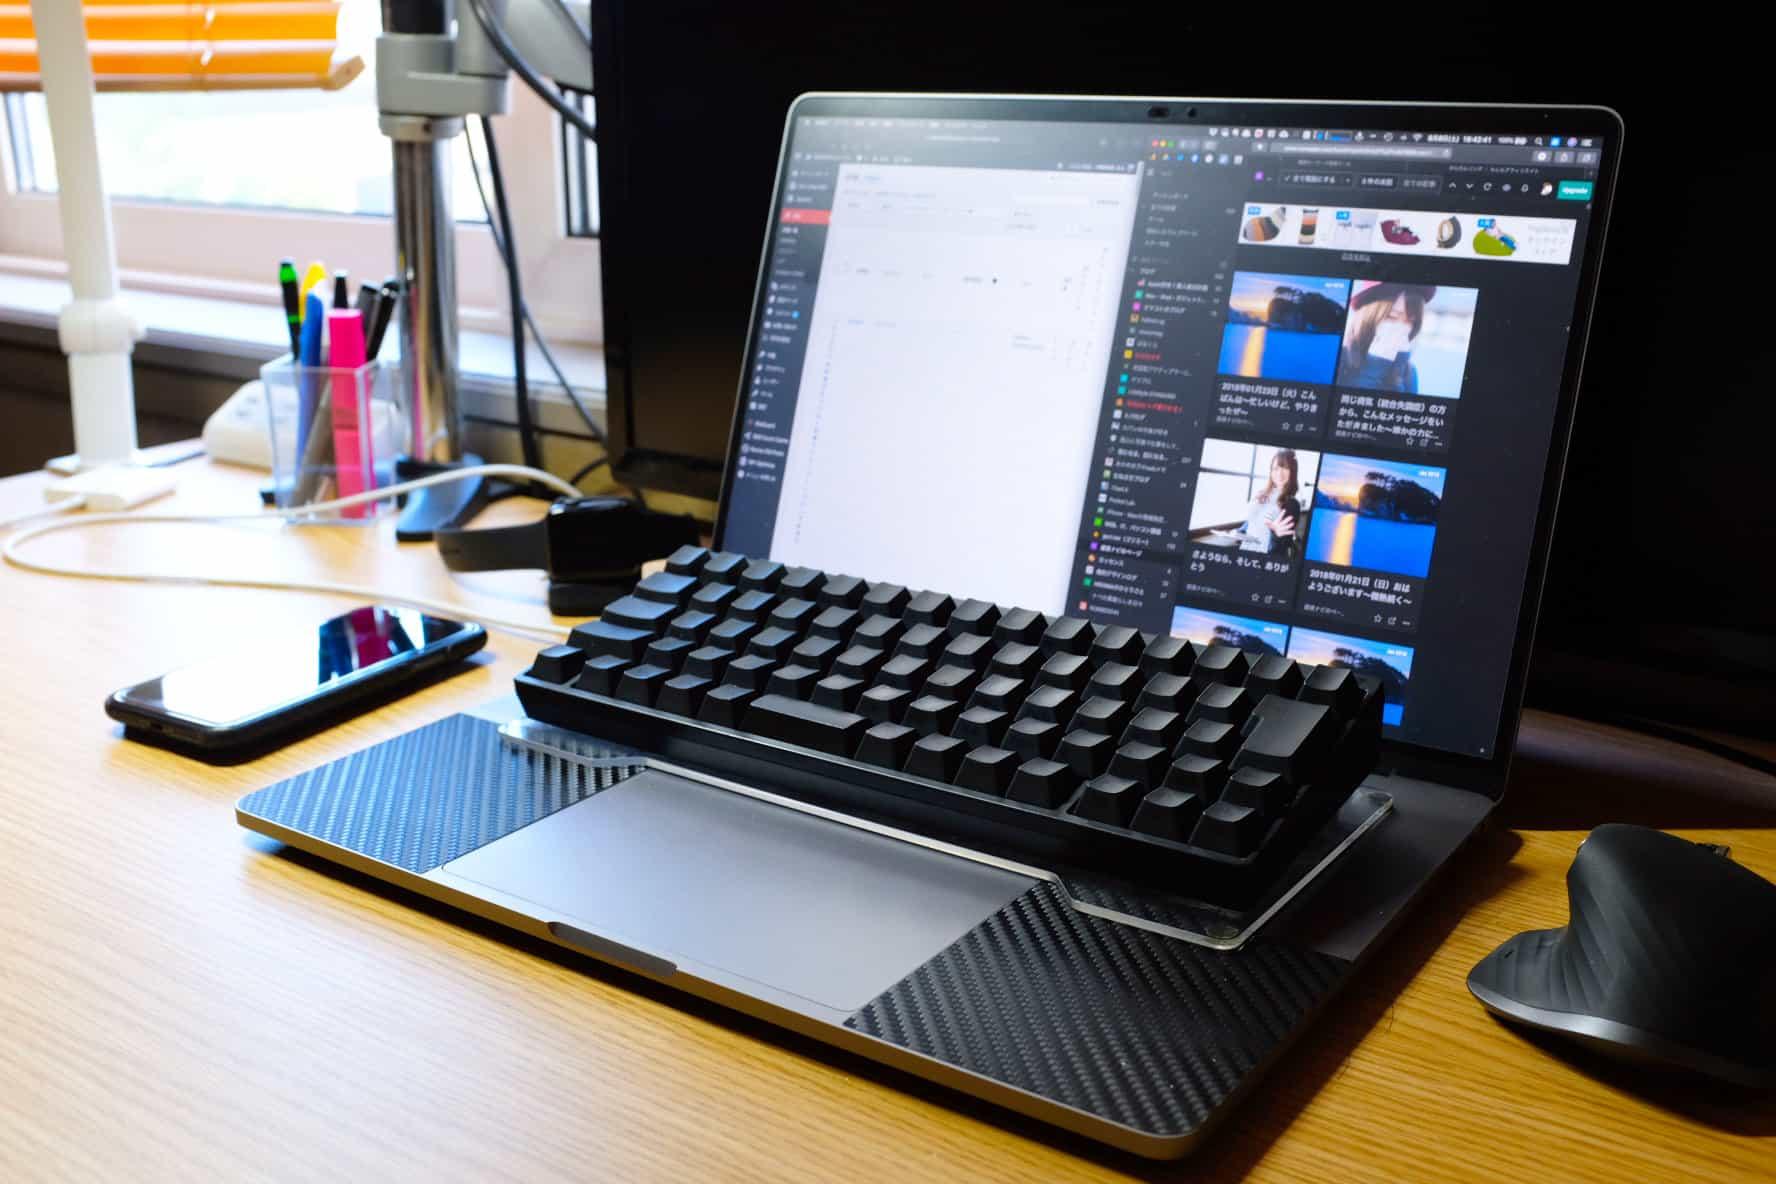 15インチや16インチ MacBook Proを愛用するきっかけになったブログ